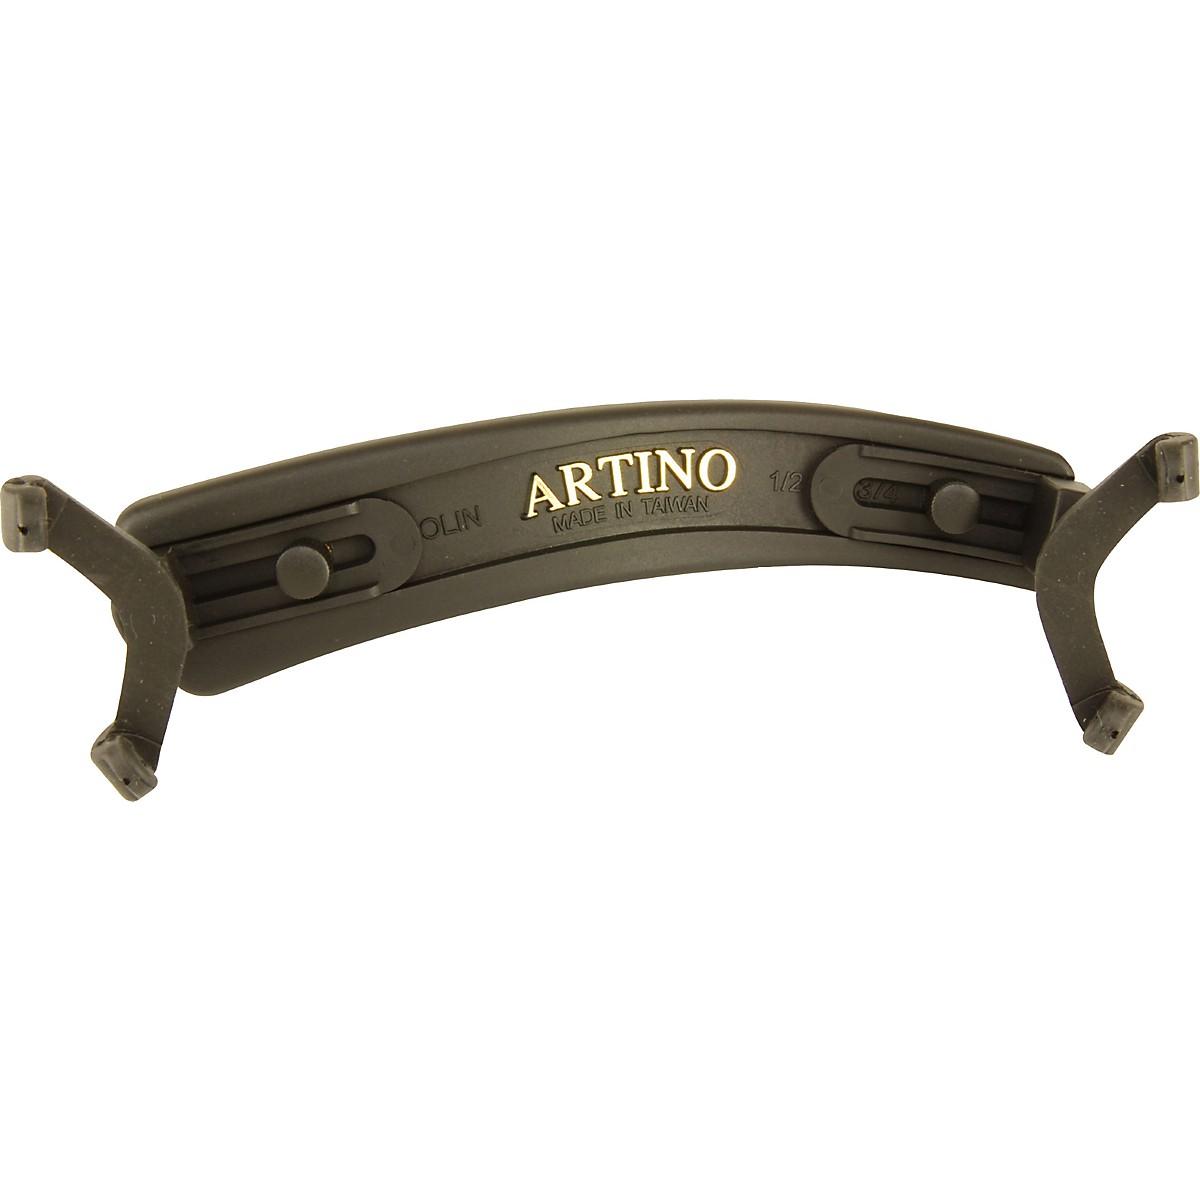 Artino Comfort Model Shoulder Rest